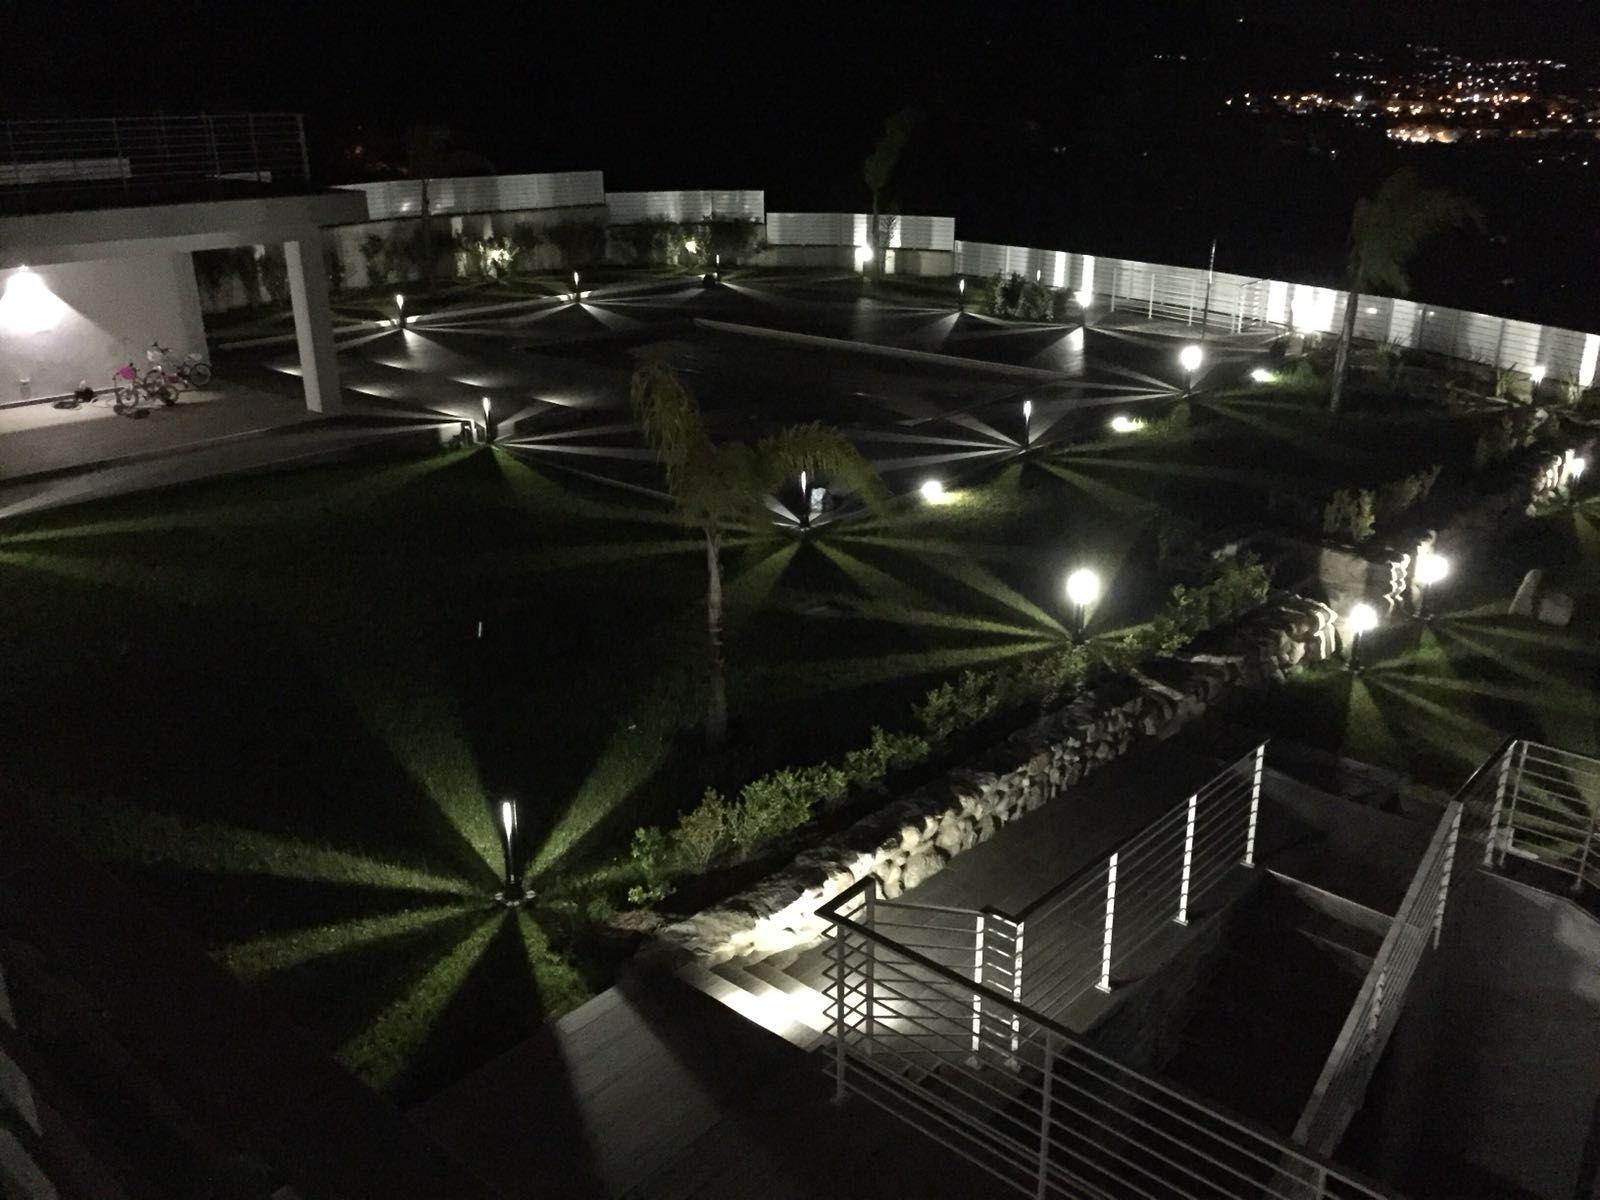 24v Dc Led Light Stella Automatic Lights Night System From Key Automation